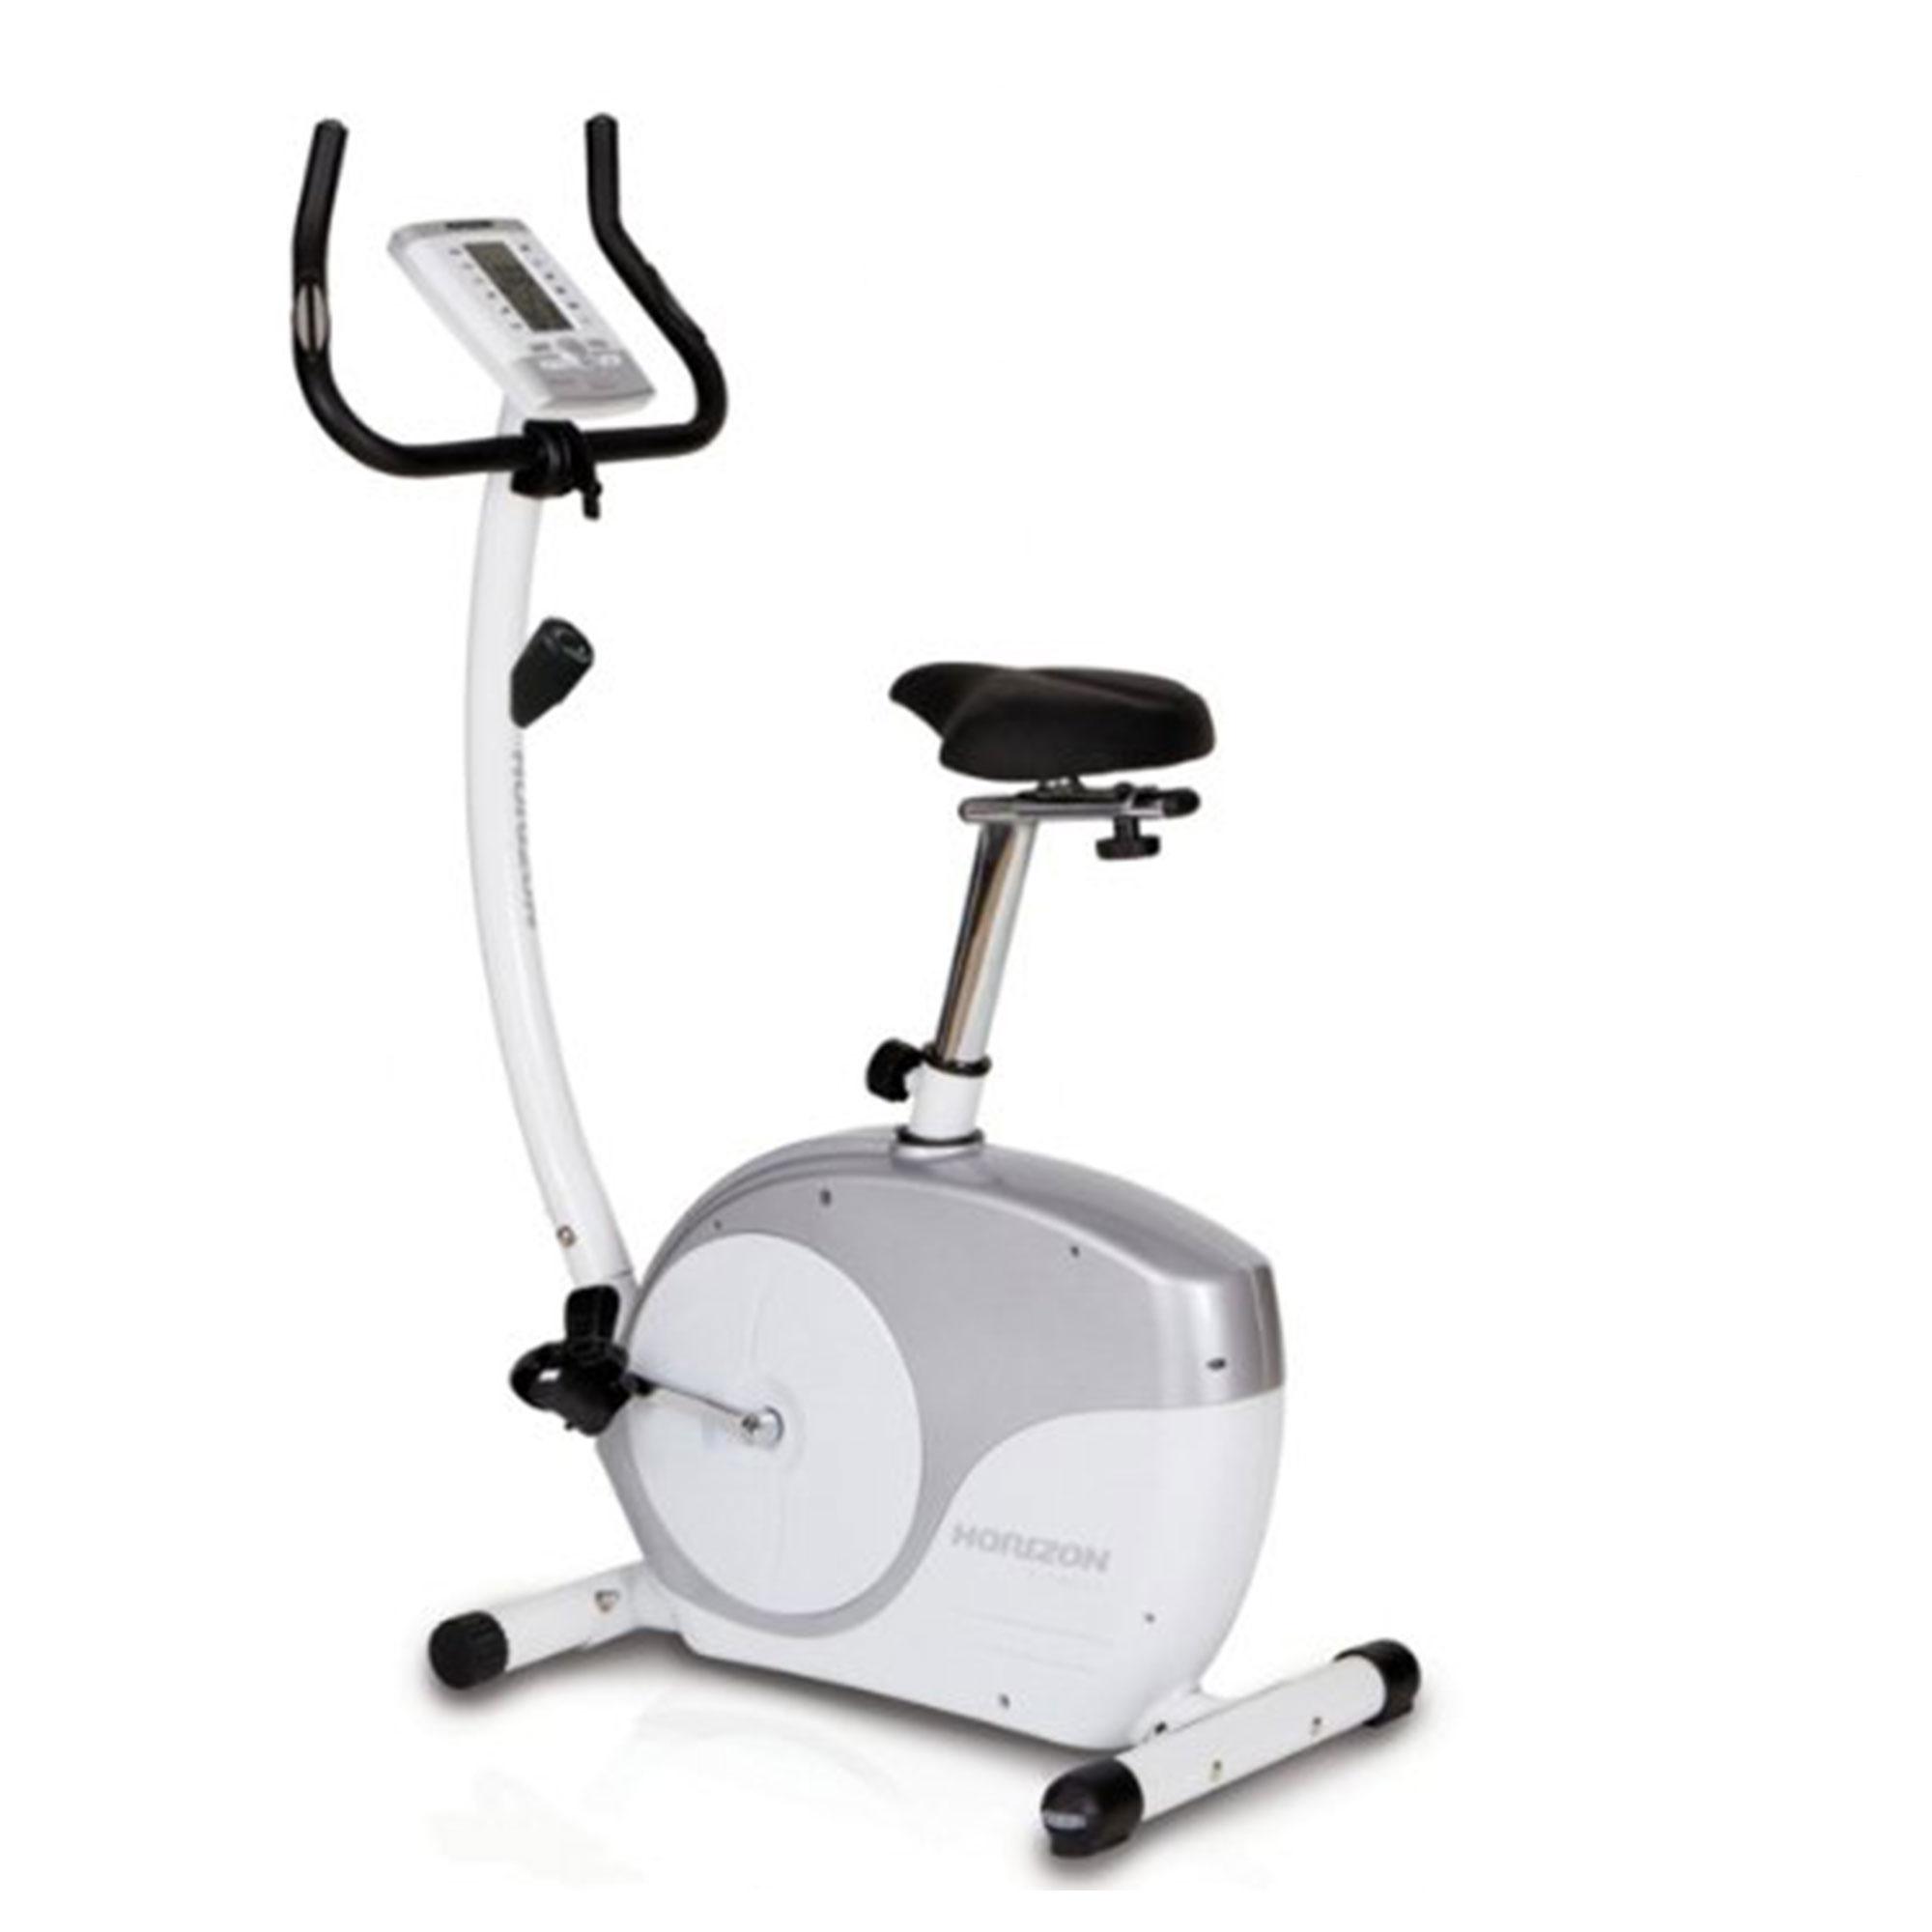 Deluxe Horizon Colima Pro Upright Exercise Bike Ne Fitness Ireland